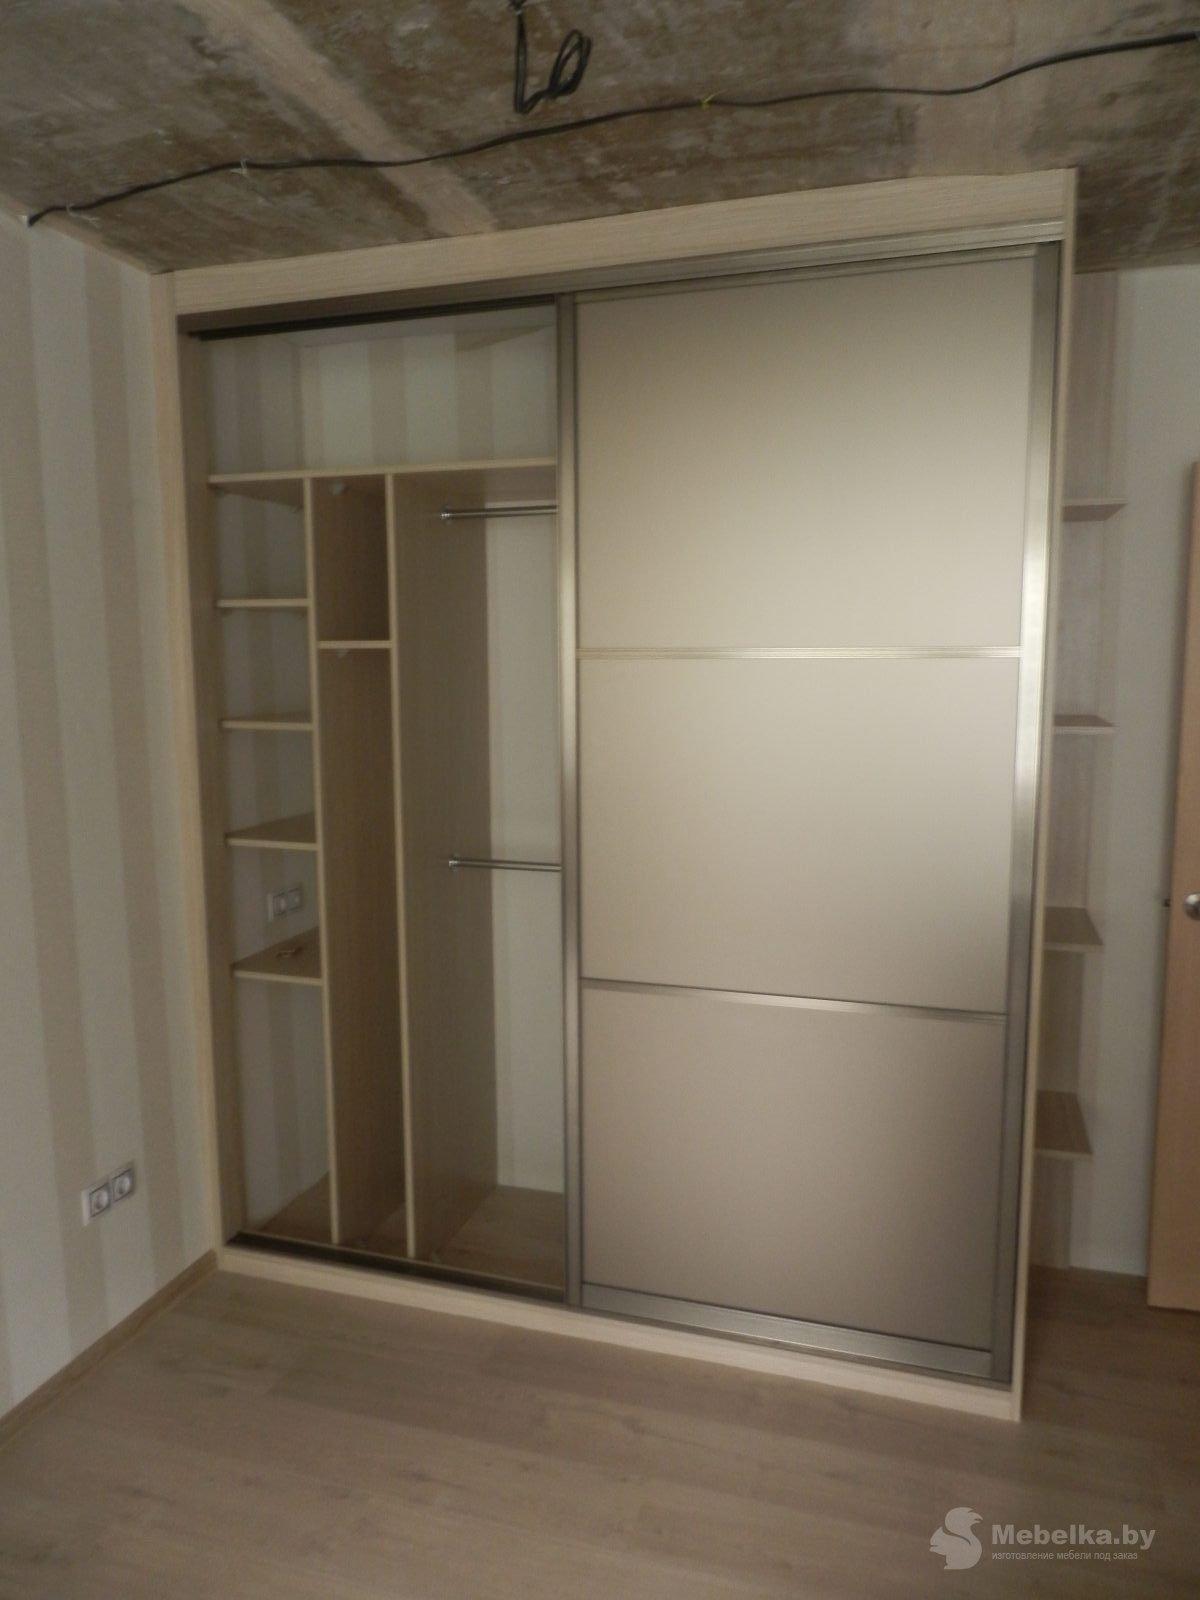 Шкаф-купе с зеркалом бронза сатин вид 3